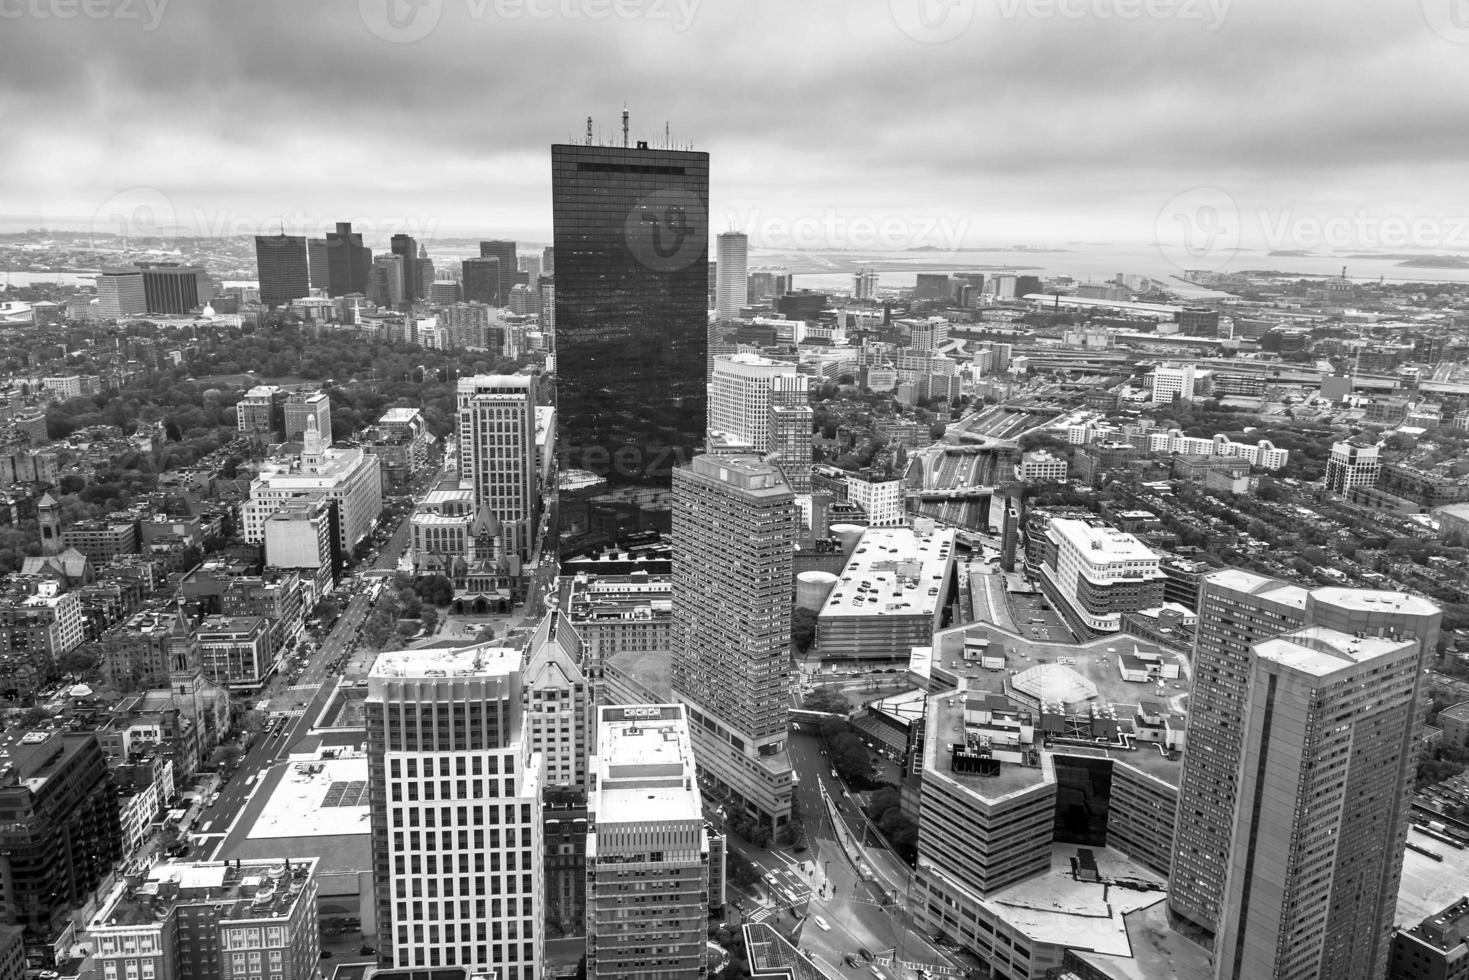 vue aérienne de boston dans le massachusetts, usa. photo